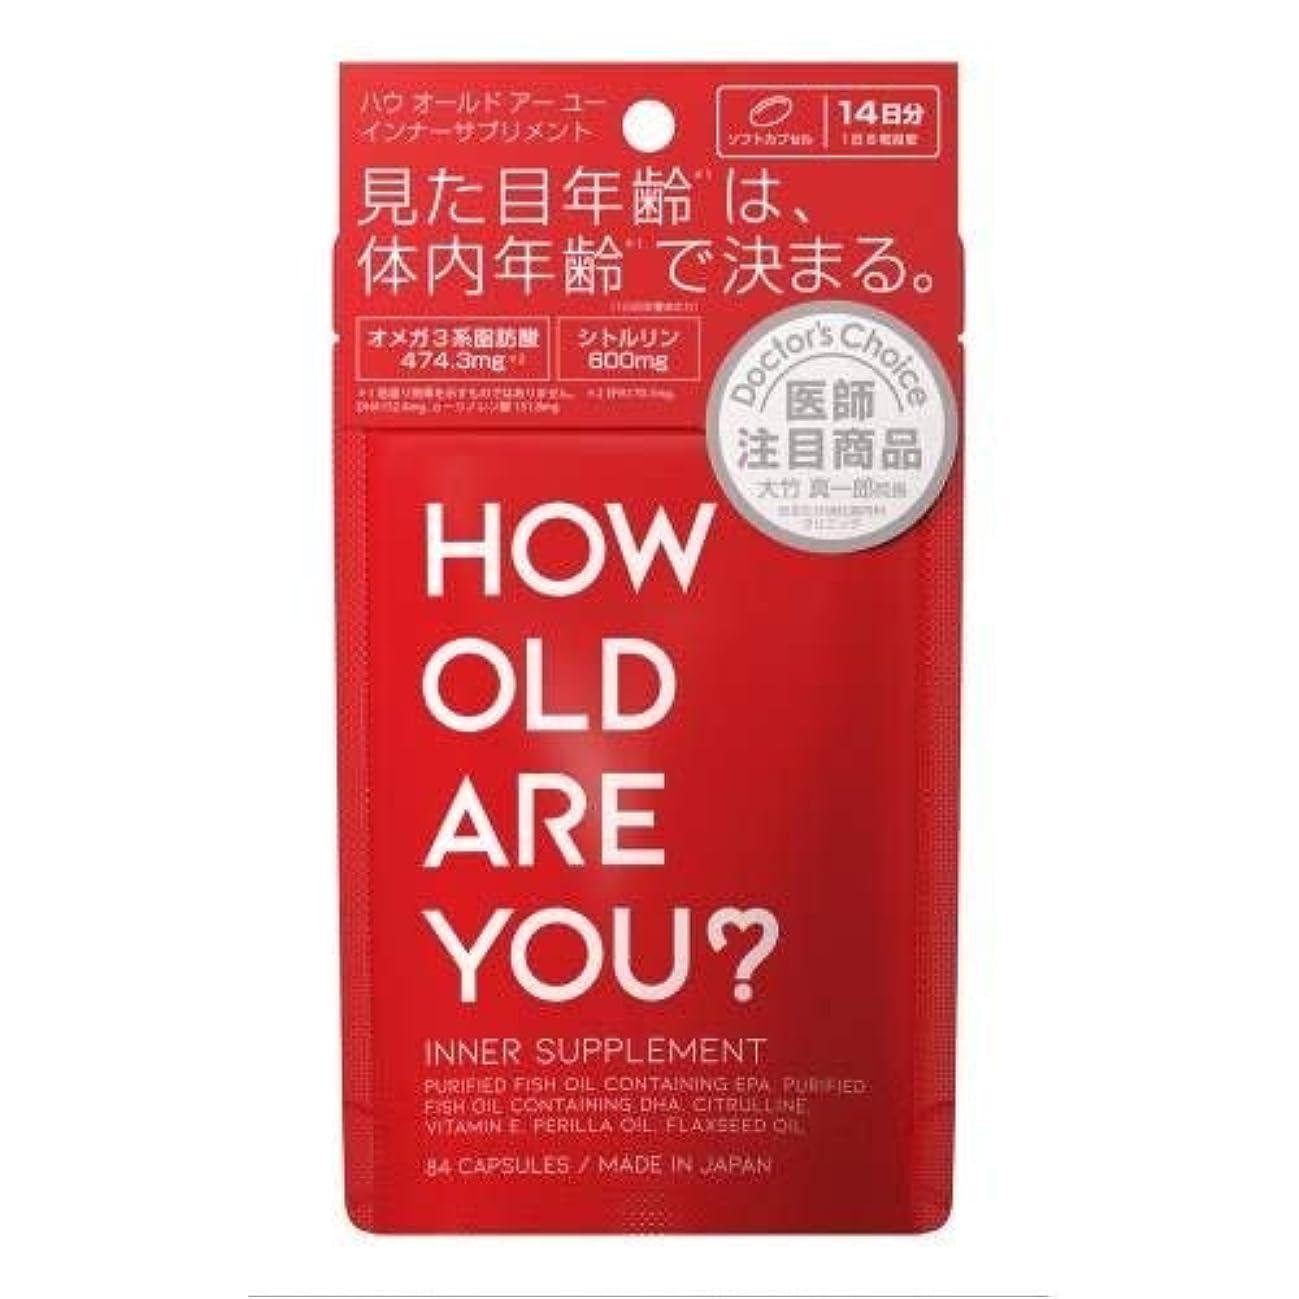 絡まる獣標準HOW OLD ARE YOU?(ハウオールドアーユー) インナーサプリメント 84粒